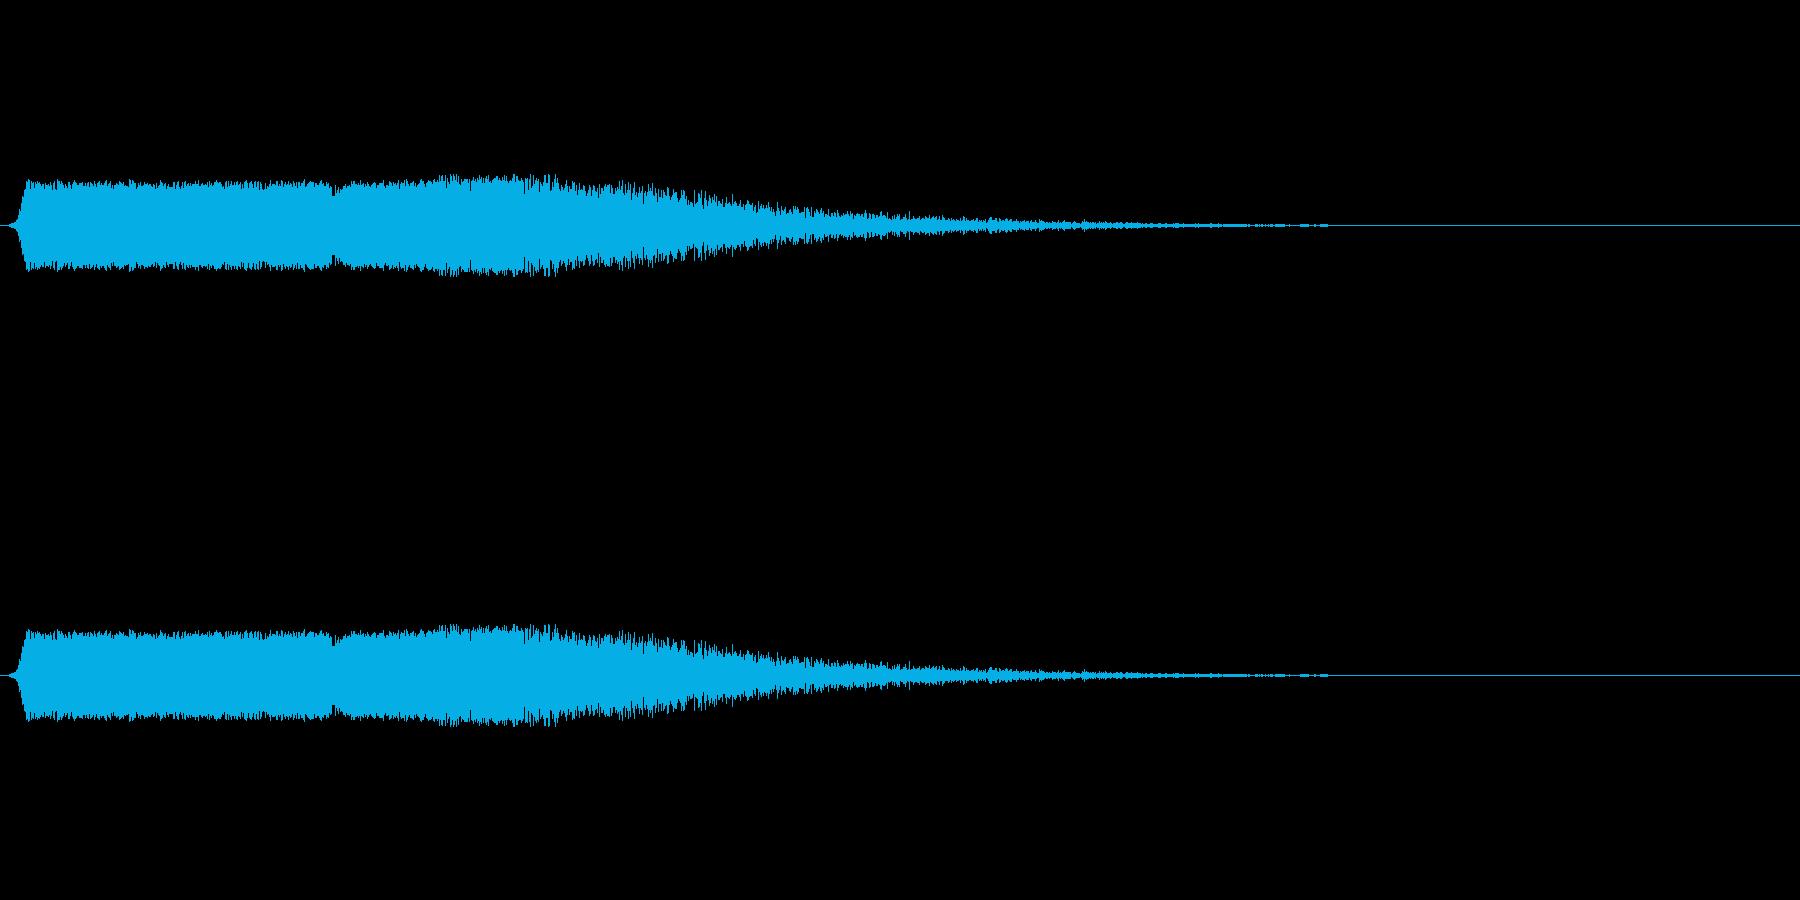 シューン:矢印が下降するような音の再生済みの波形